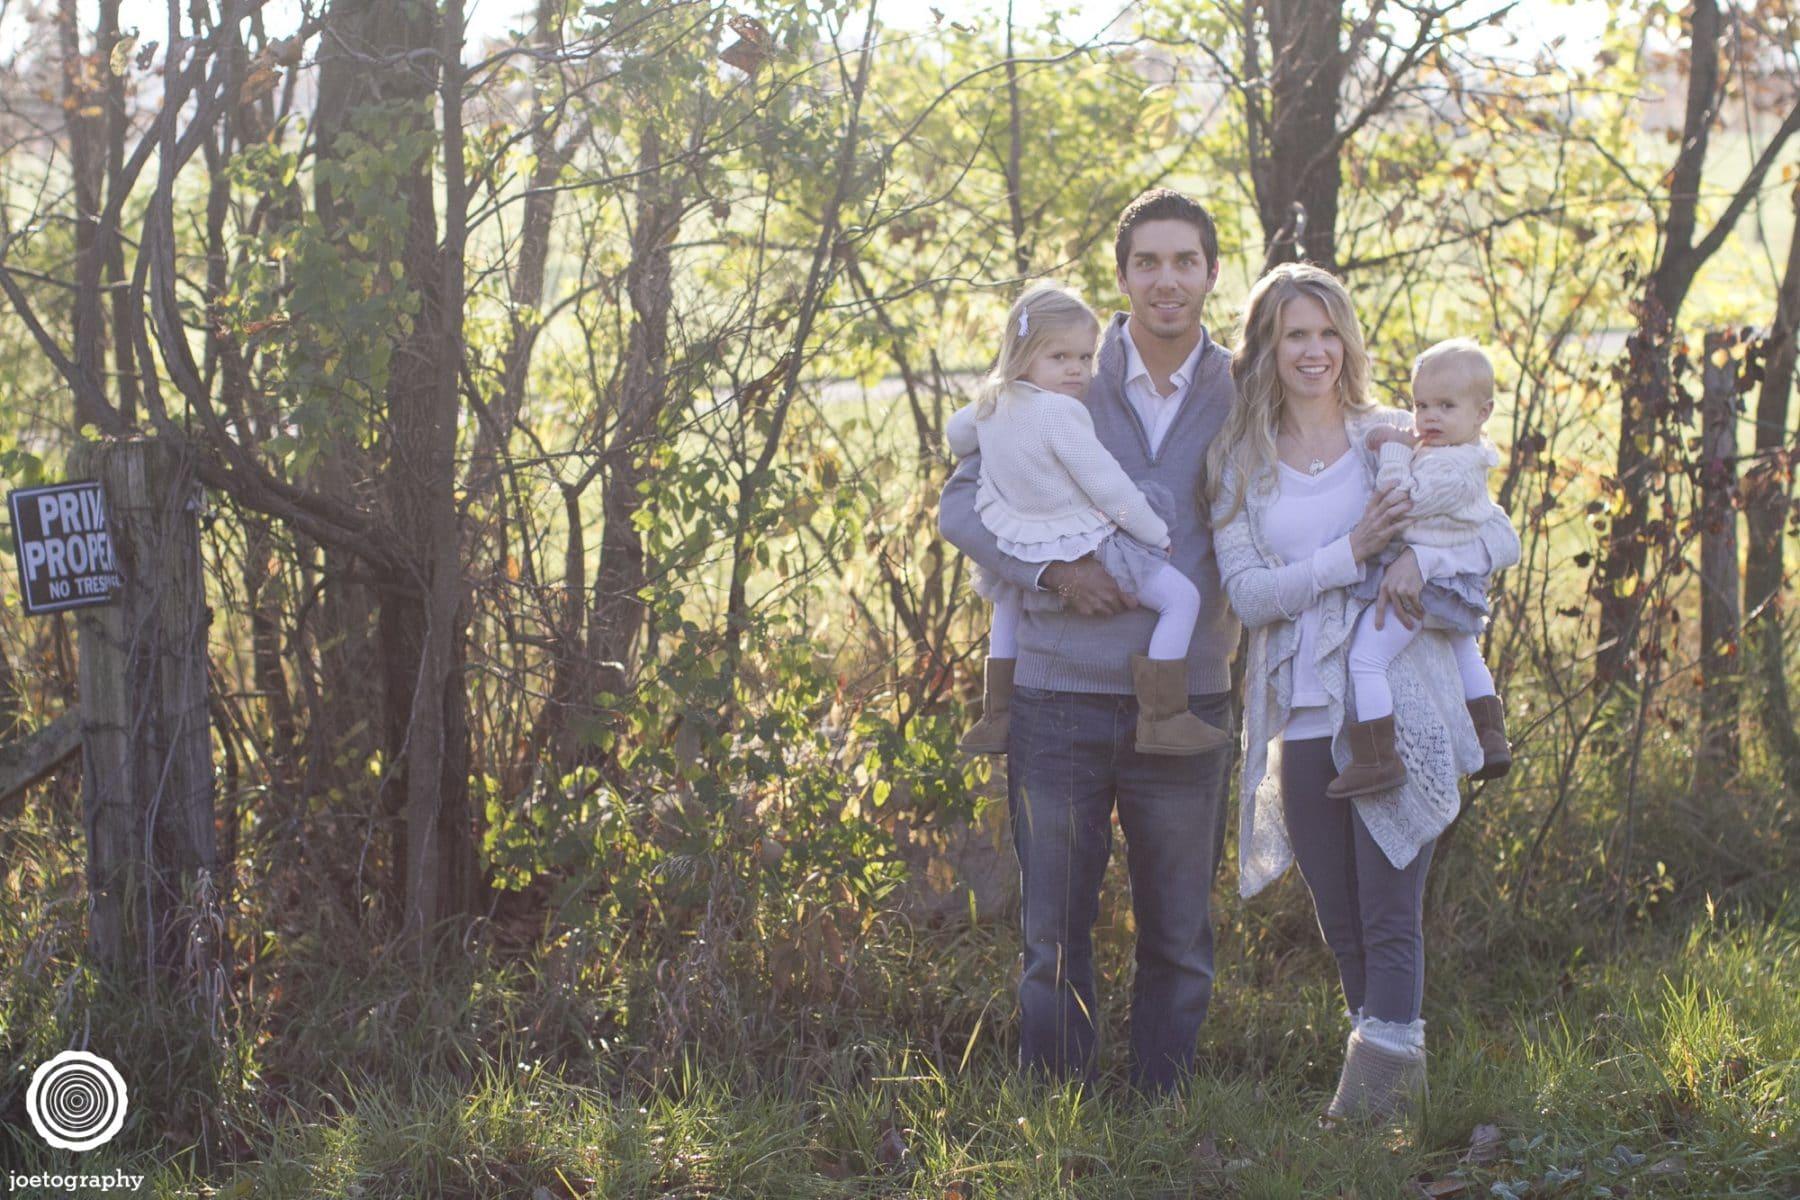 harvey-family-photographs-carmel-indiana-2